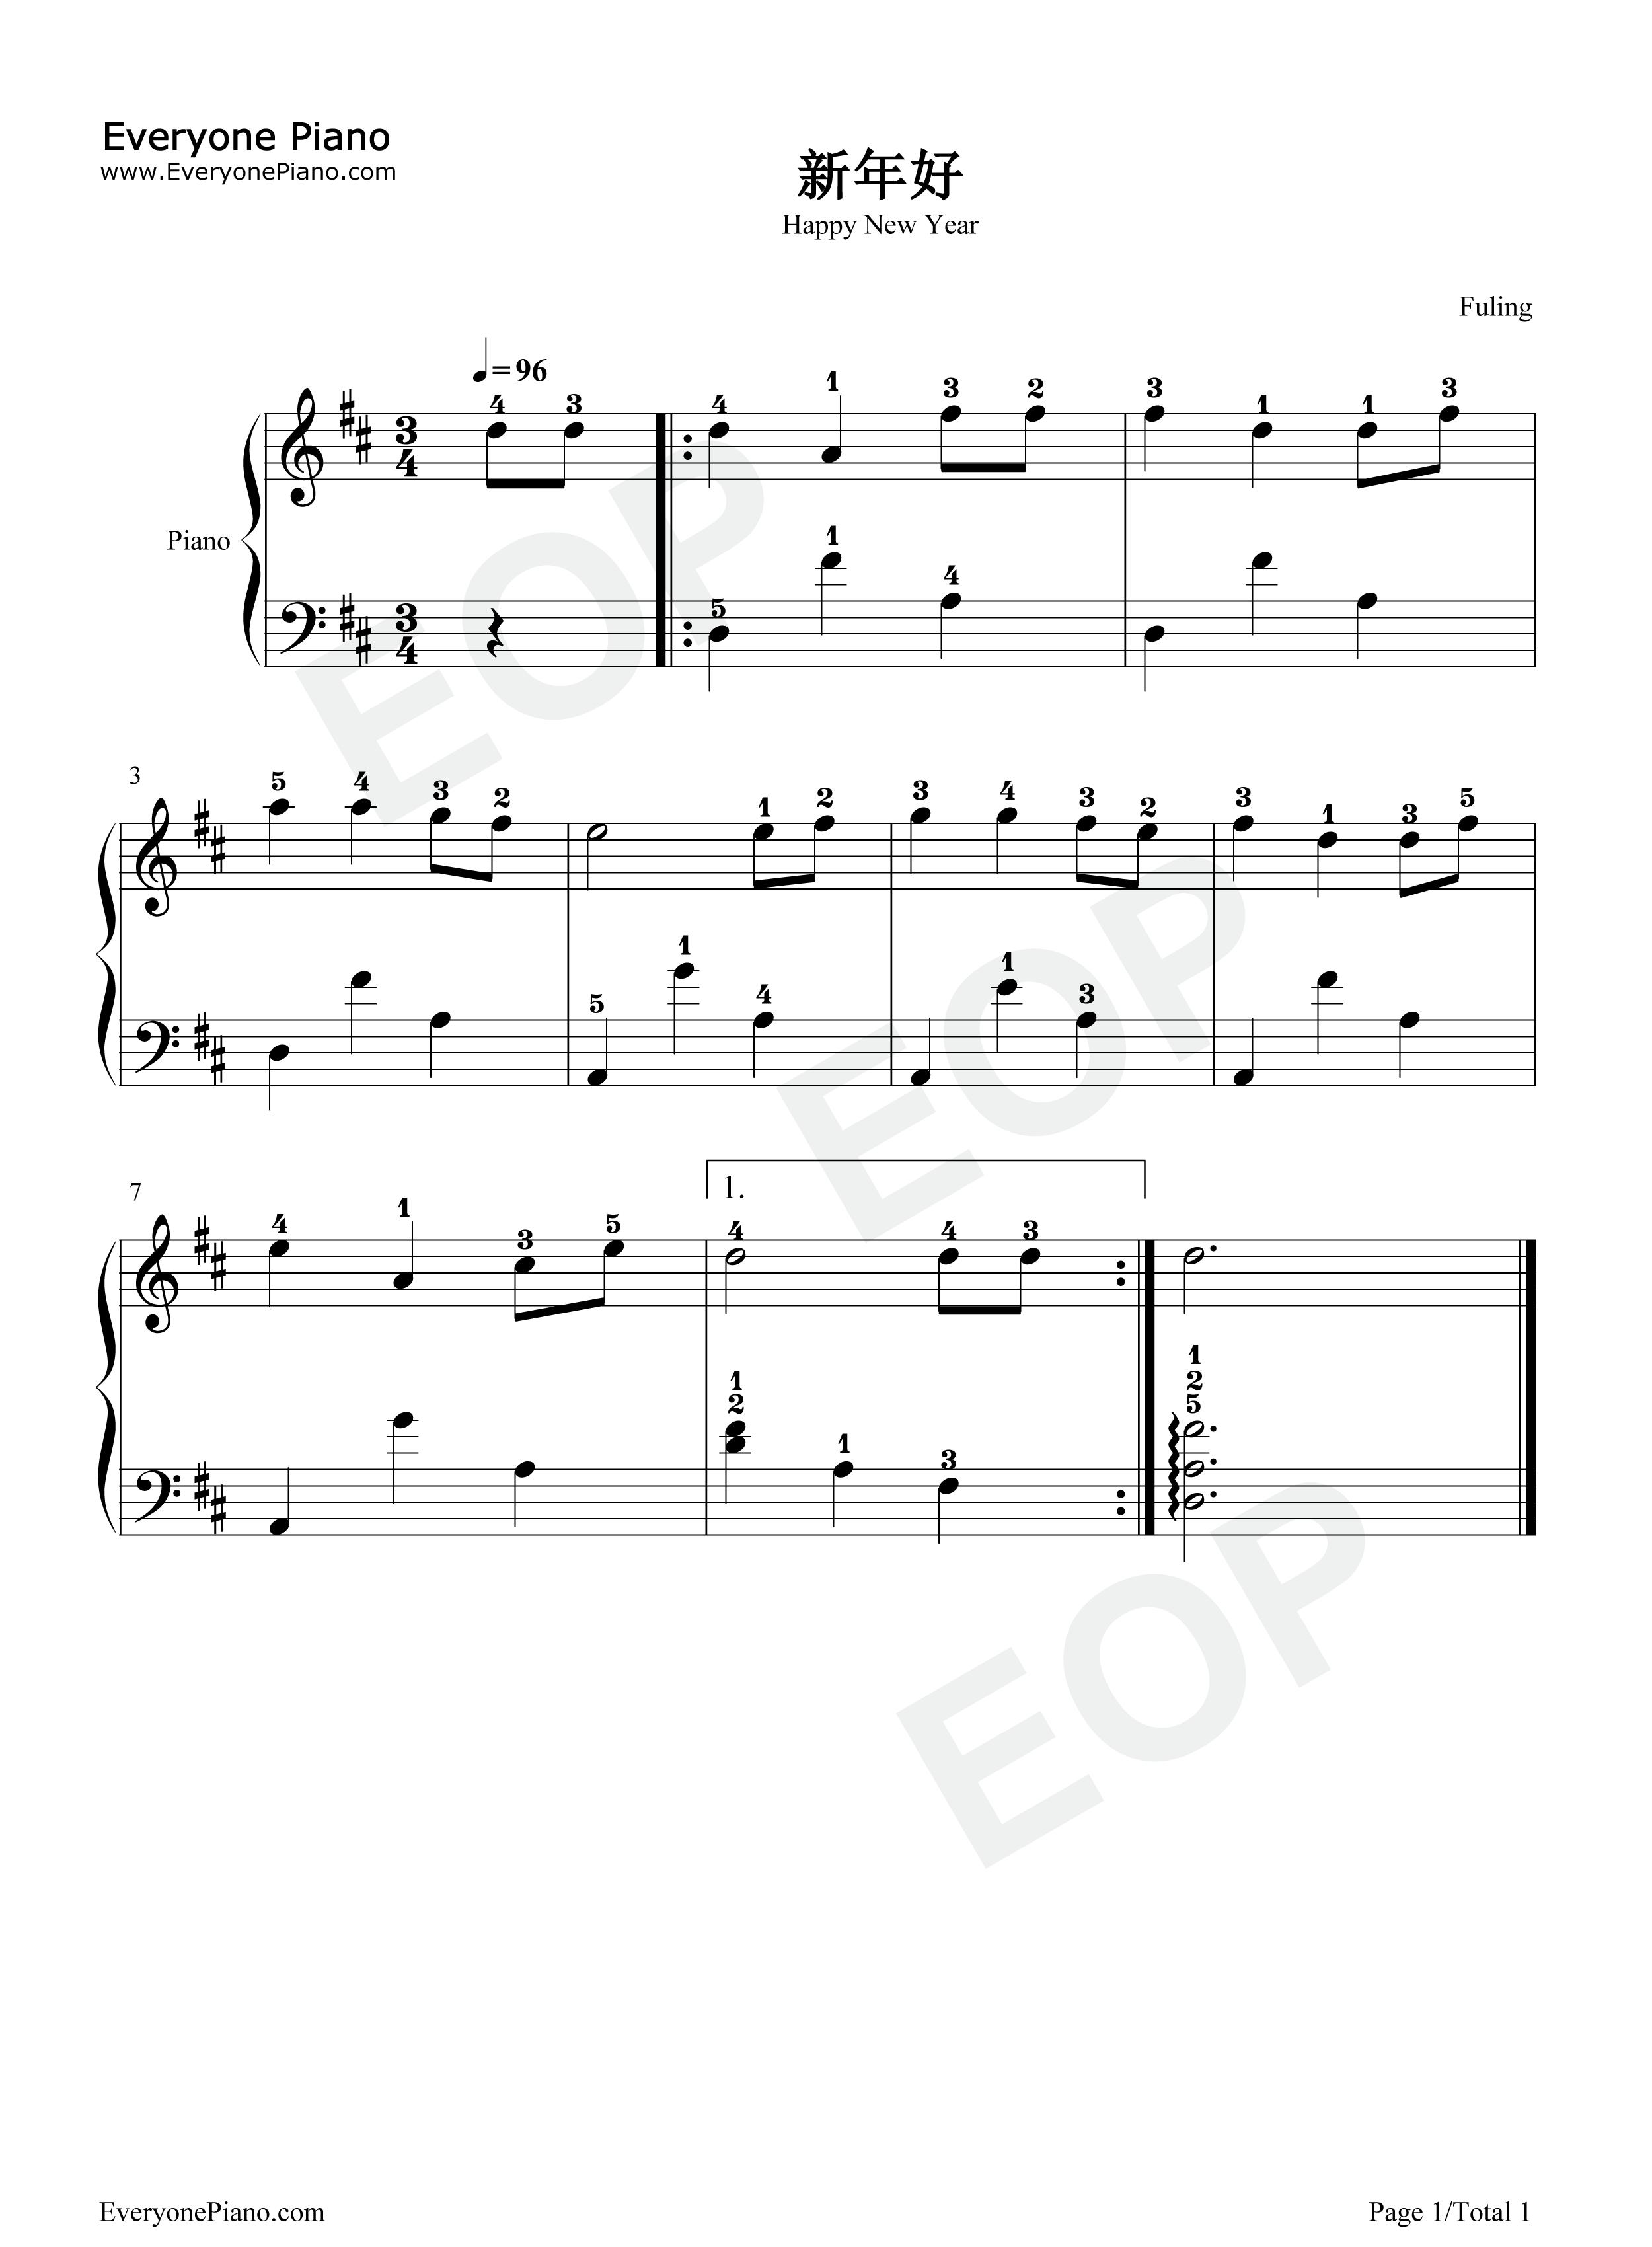 新年好五线谱预览1 钢琴谱文件 五线谱 双手简谱 数字谱 Midi PDF 免